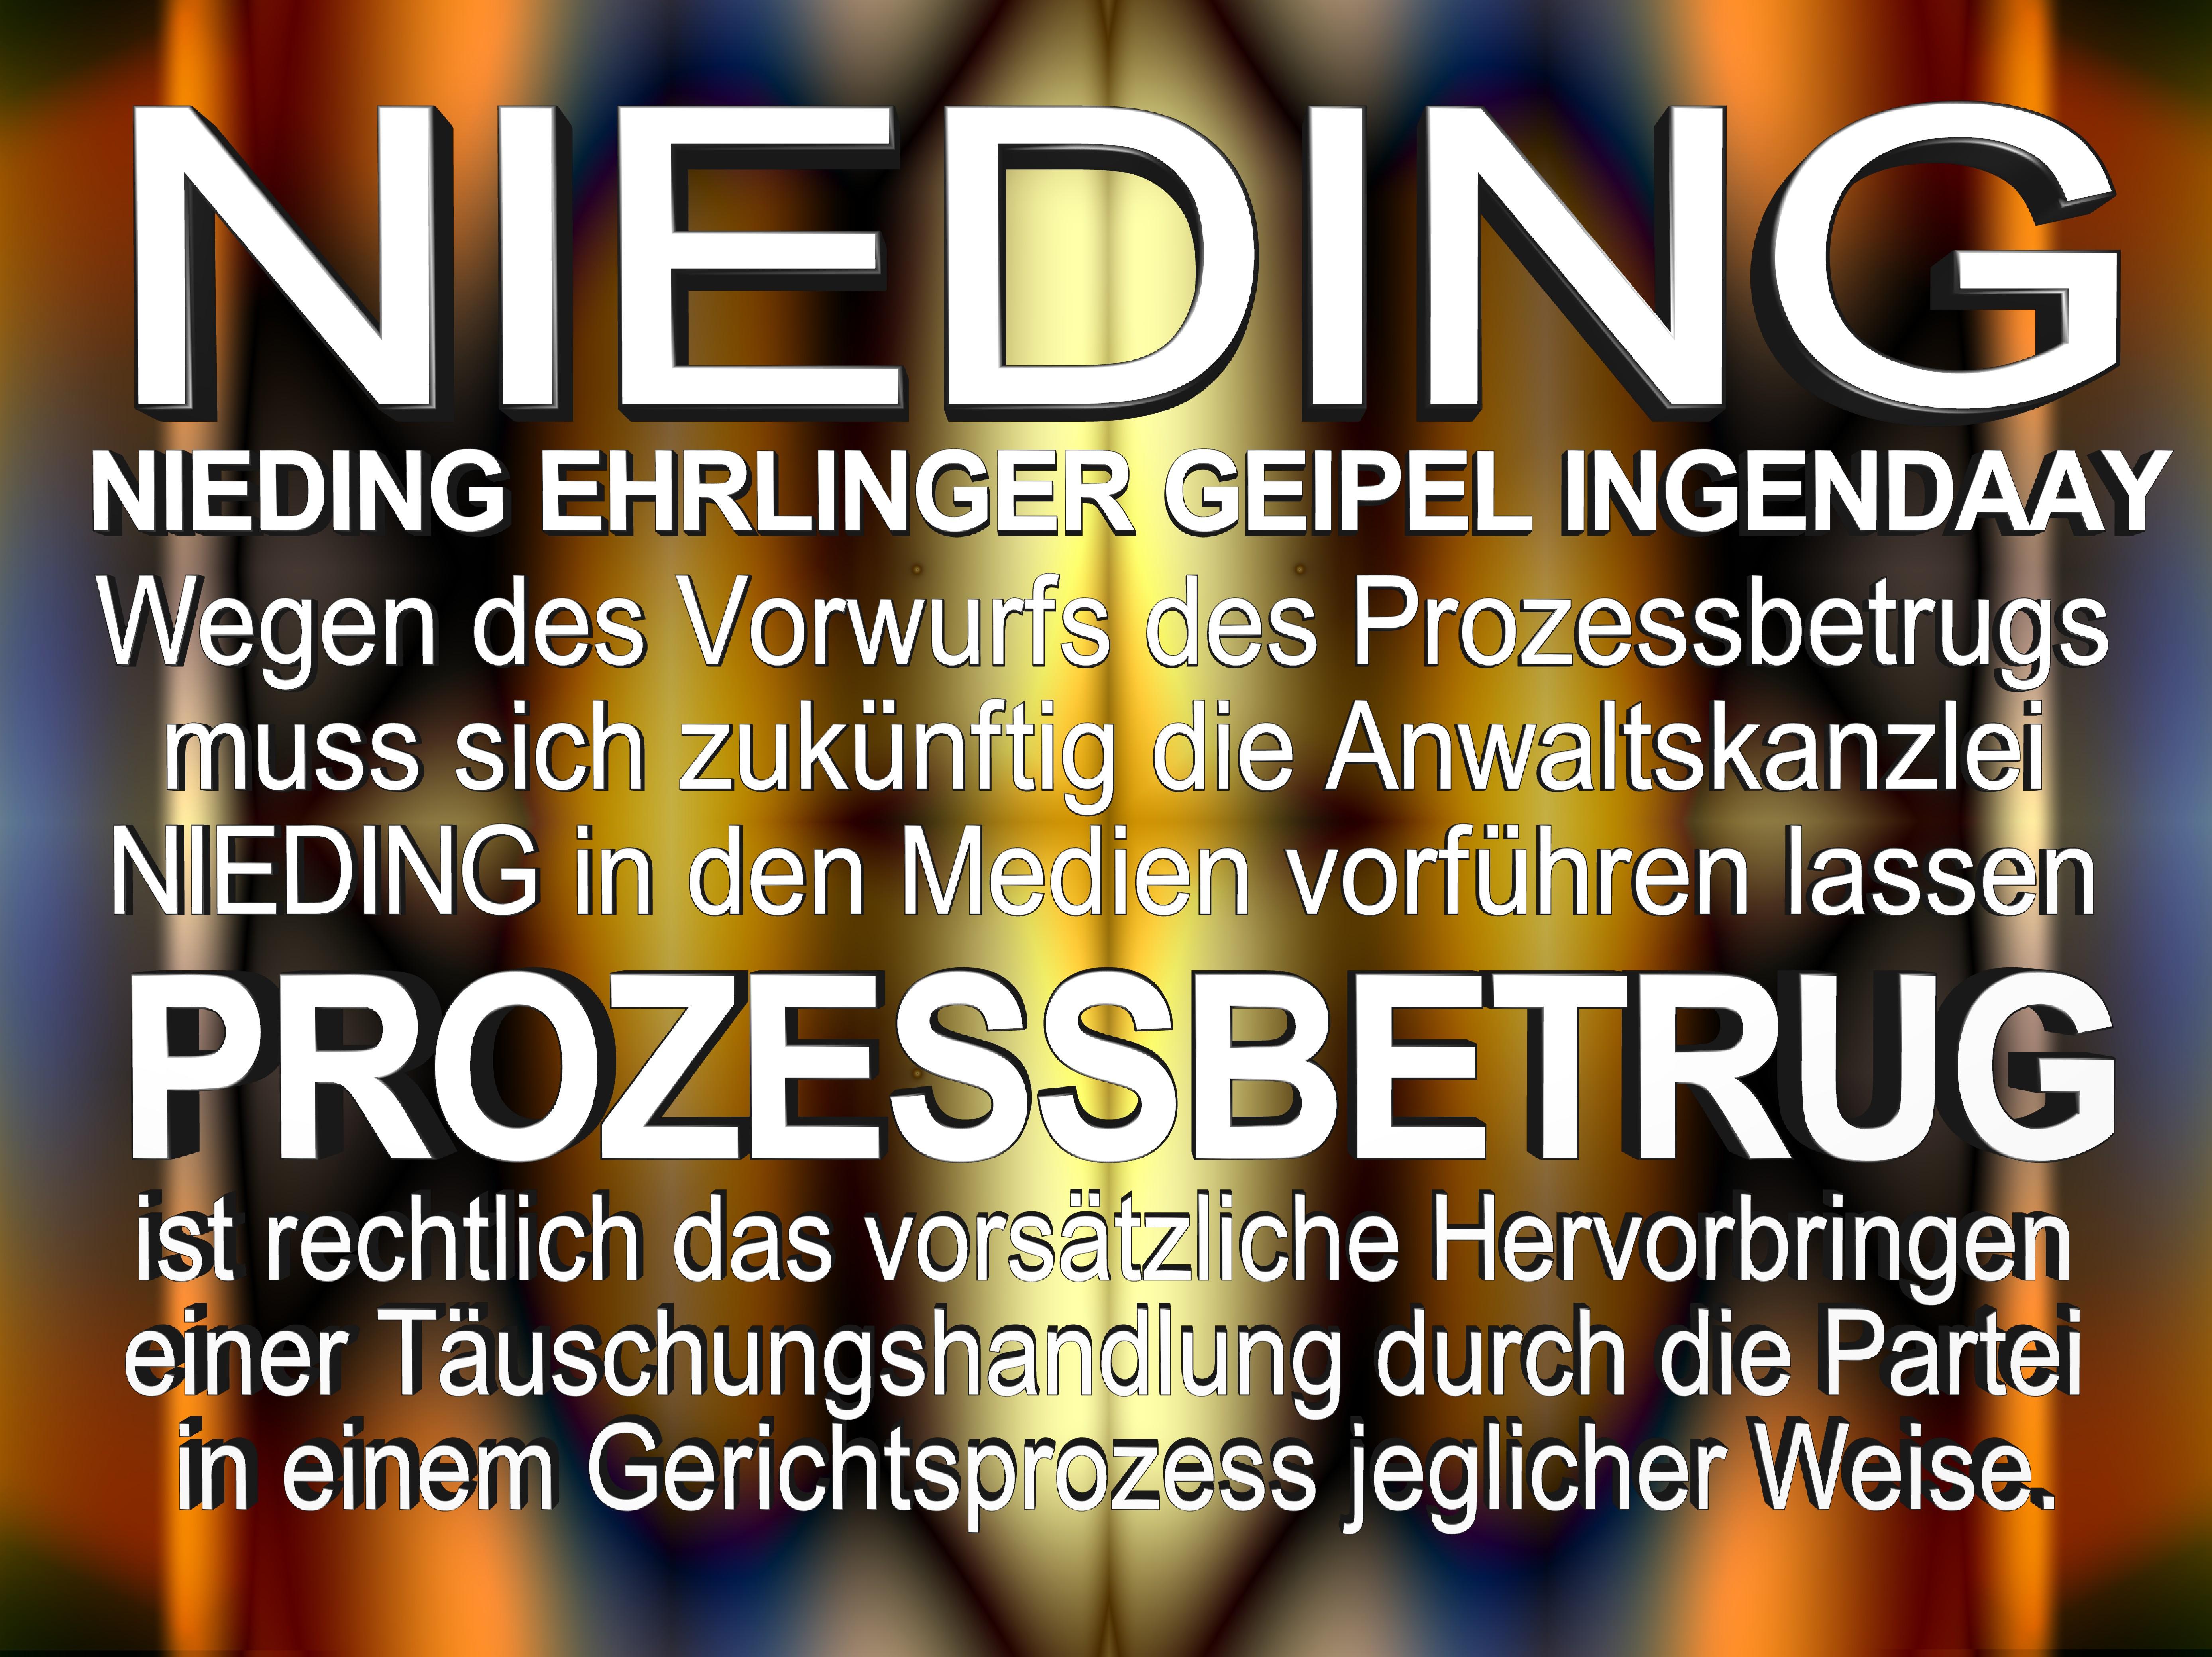 NIEDING EHRLINGER GEIPEL INGENDAAY LELKE Kurfürstendamm 66 Berlin (185)